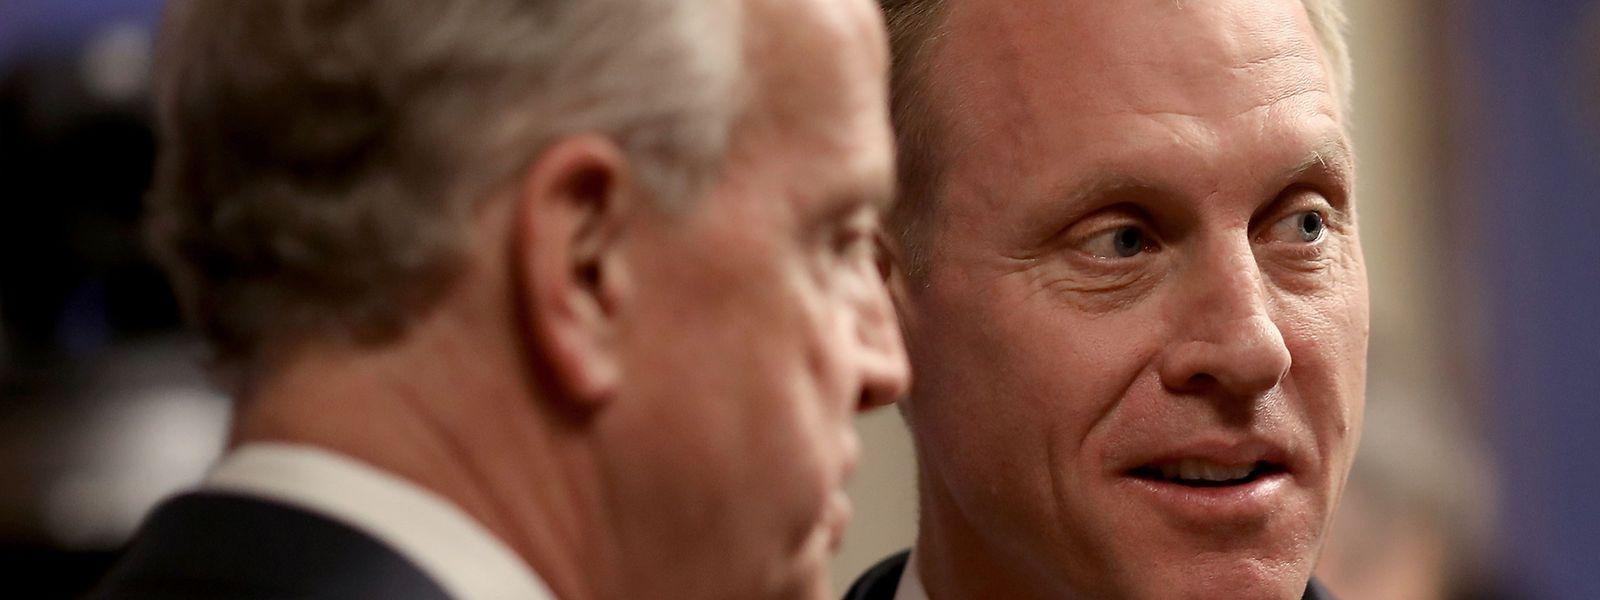 Der geschäftsführende US-Verteidigungsminister Patrick Shanahan soll nach dem Willen von Präsident Donald Trump dauerhaft das Pentagon leiten.